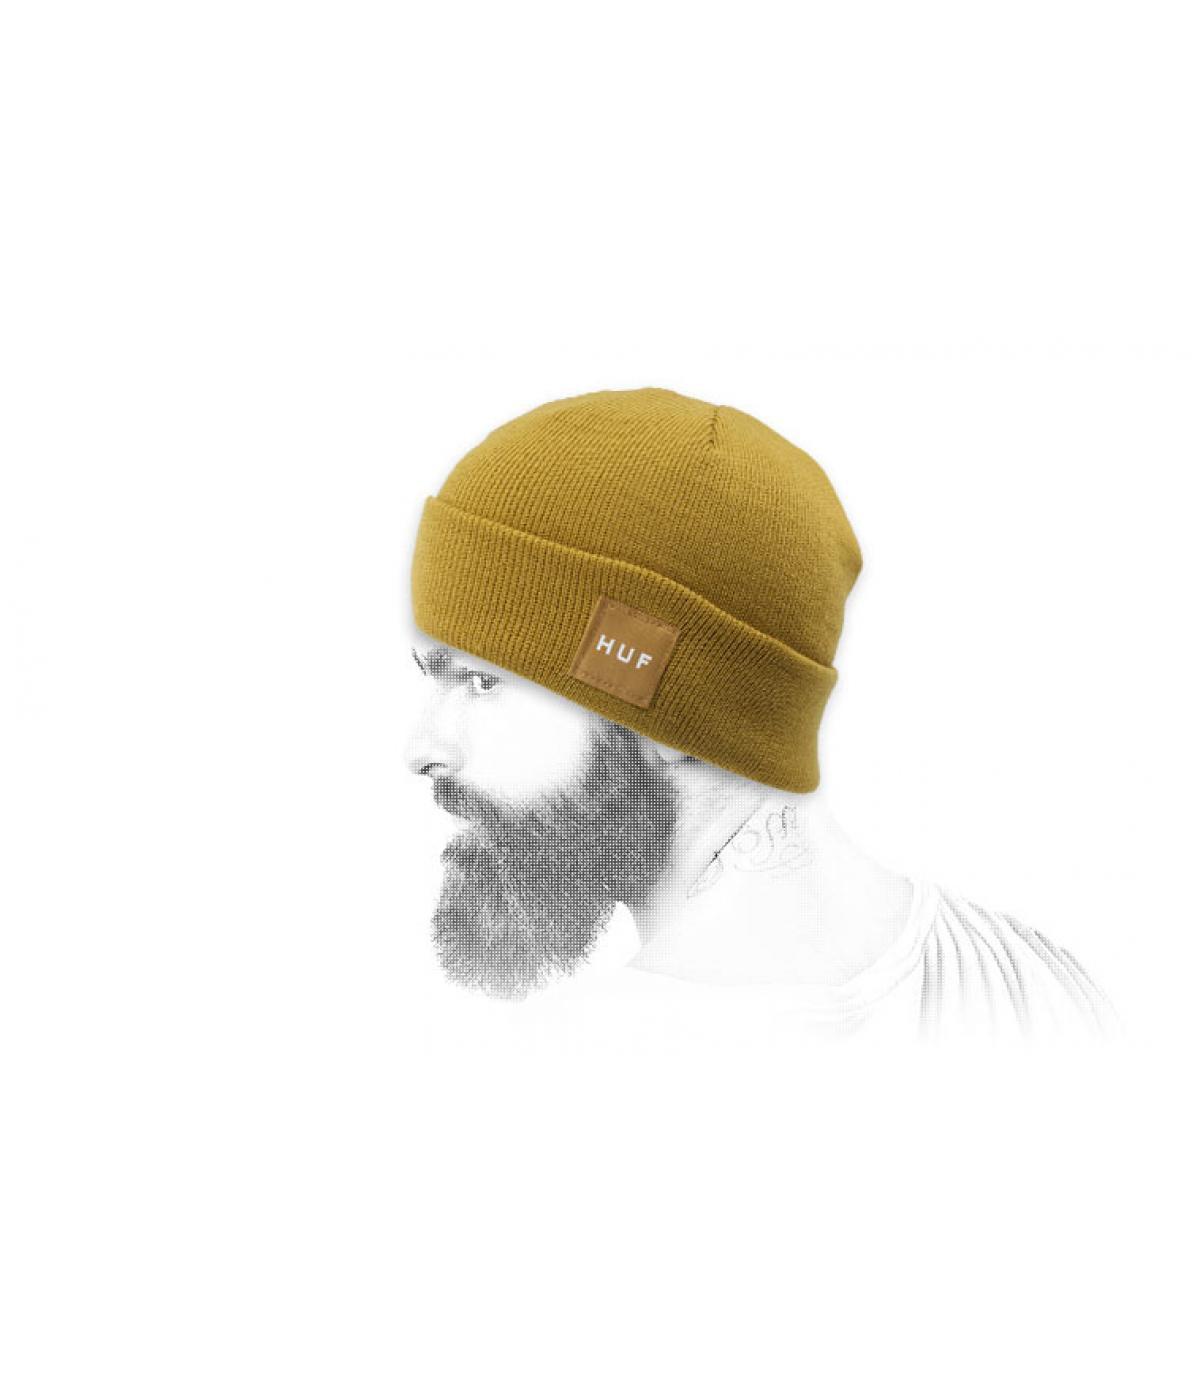 Cappellino con risvolto giallo Huf